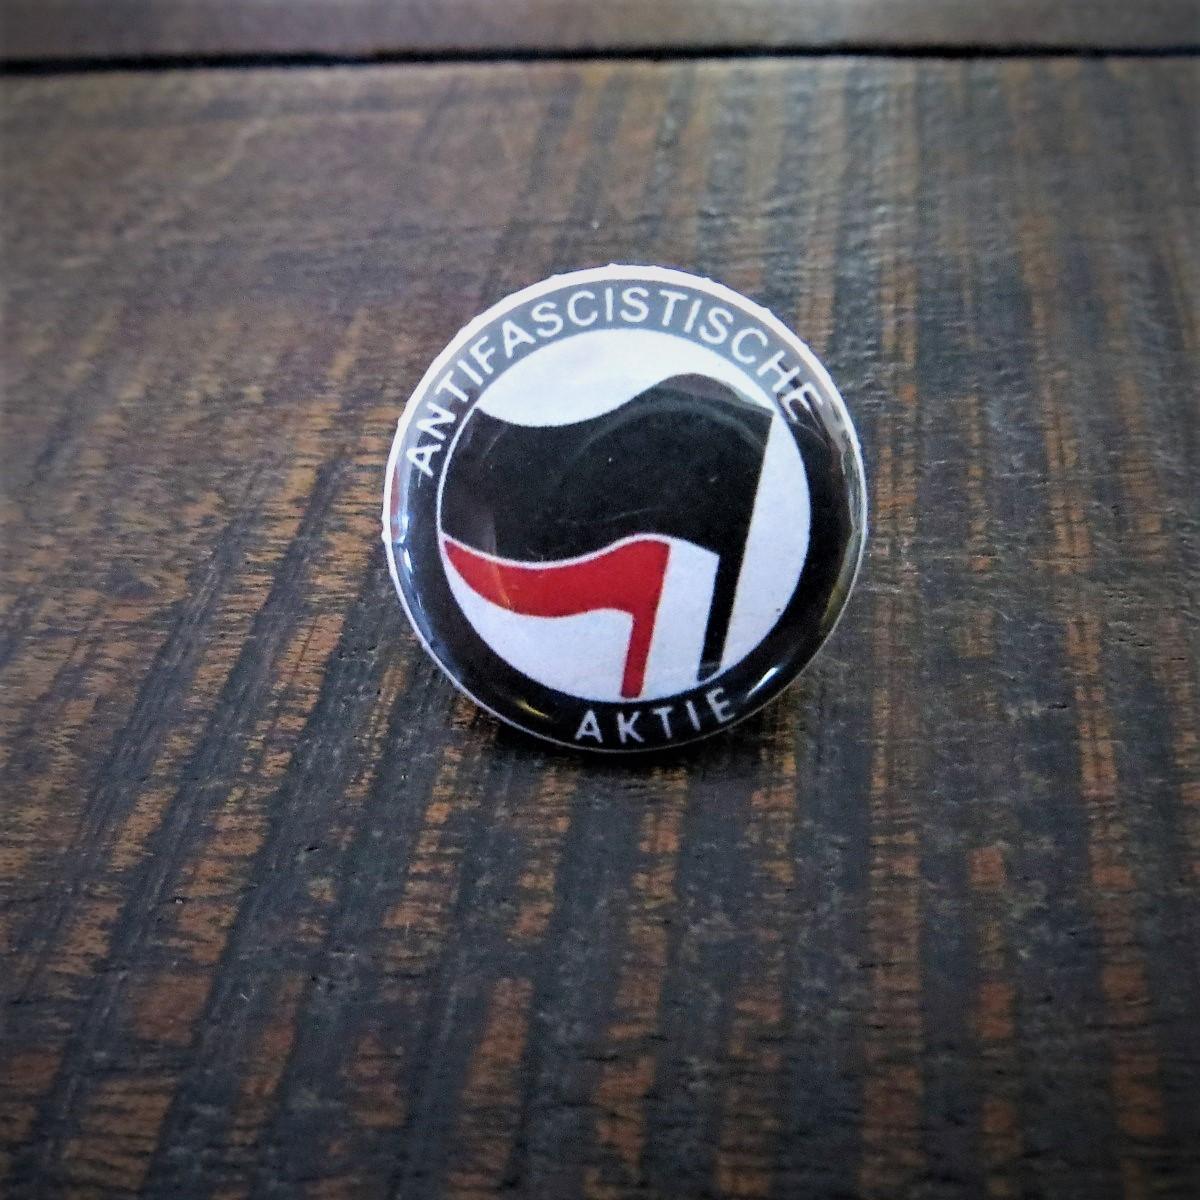 antifascistische-aktie-1